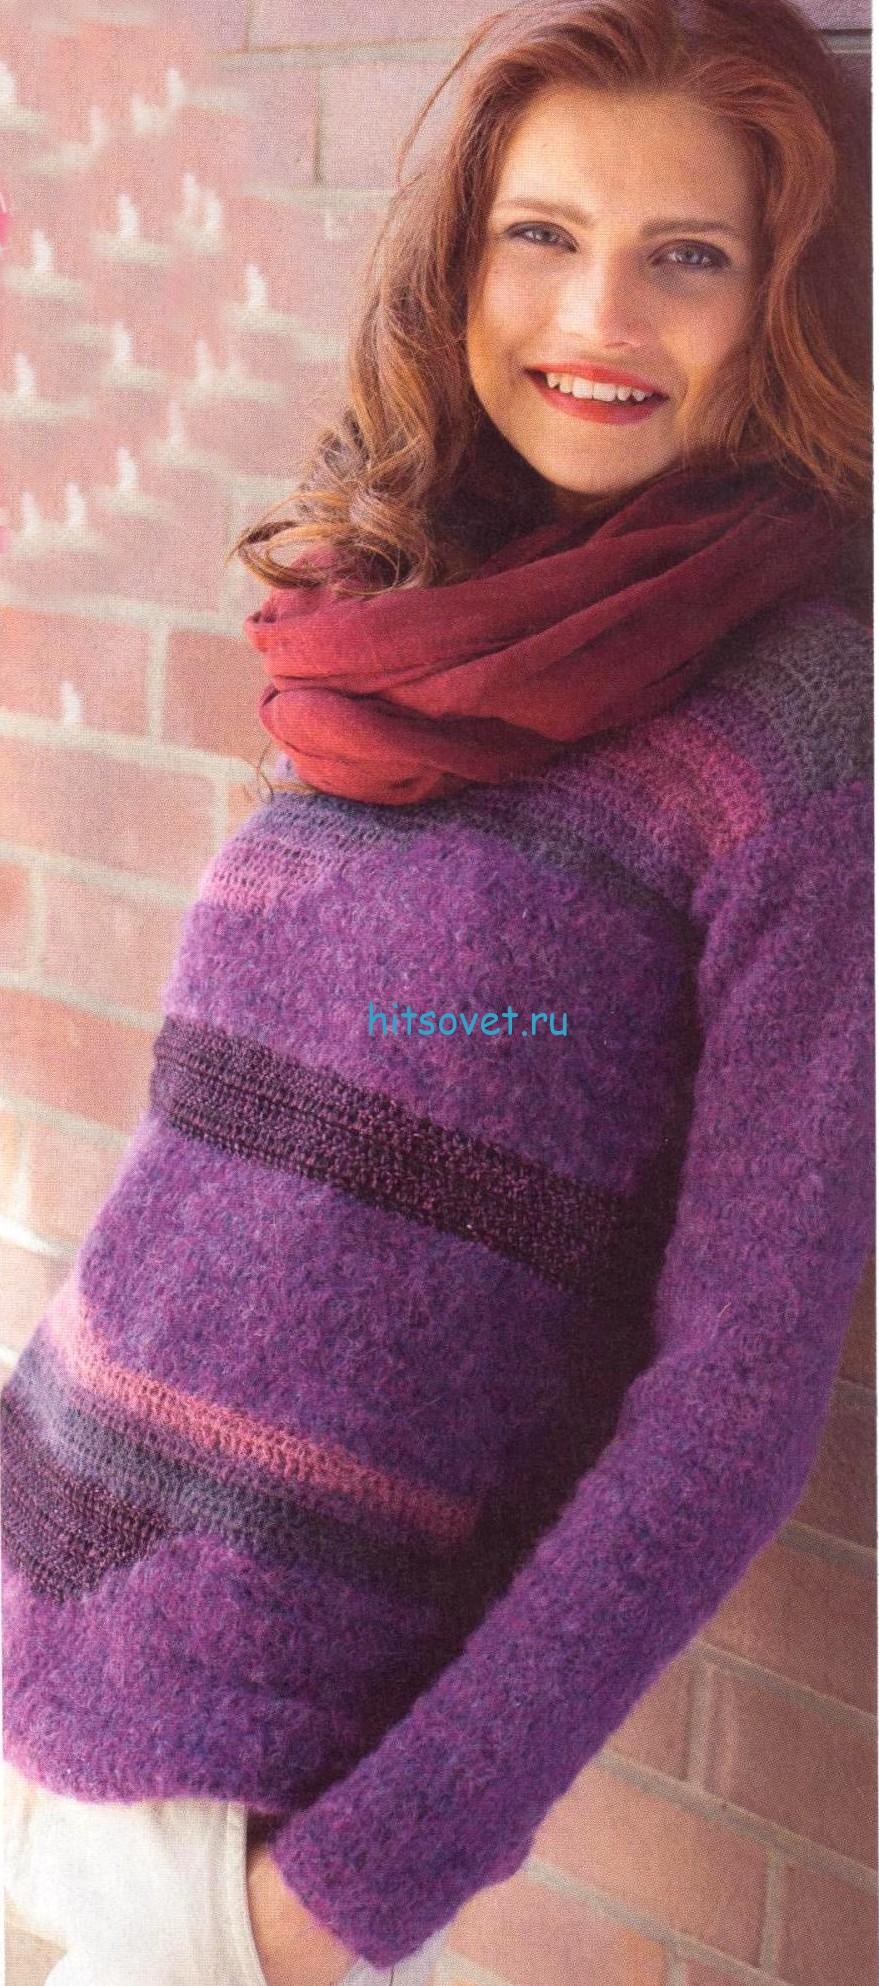 Вязание крючком пуловера женского